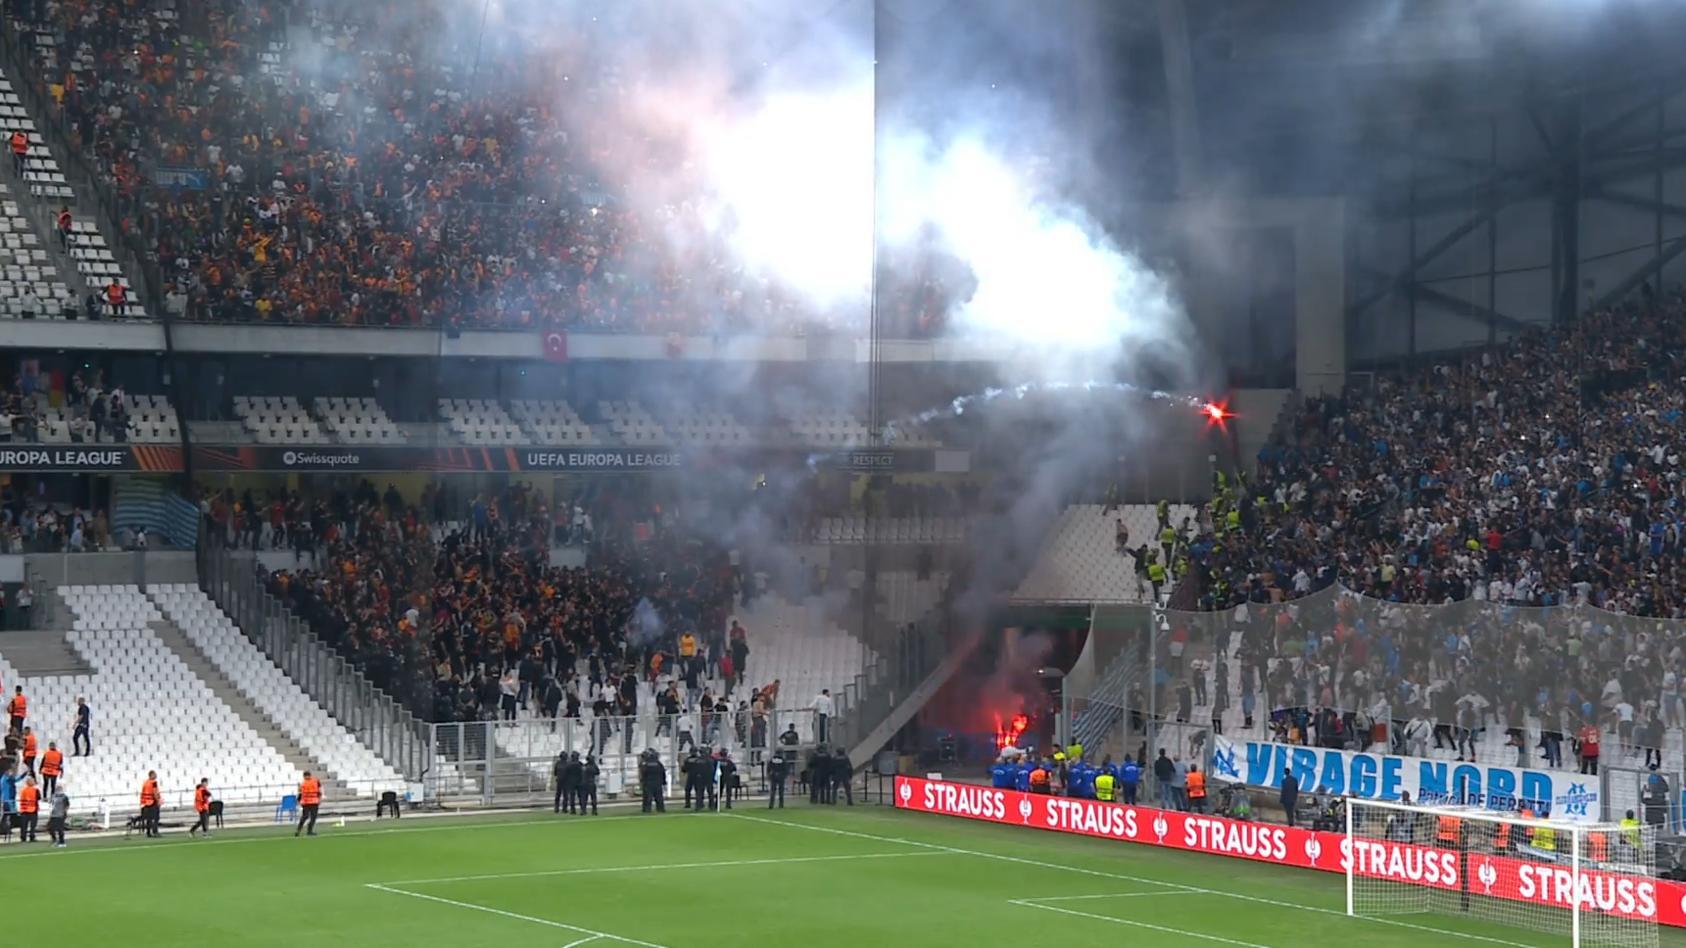 europapokal-abend-der-schande-leuchtraketen-auf-marseille-fans